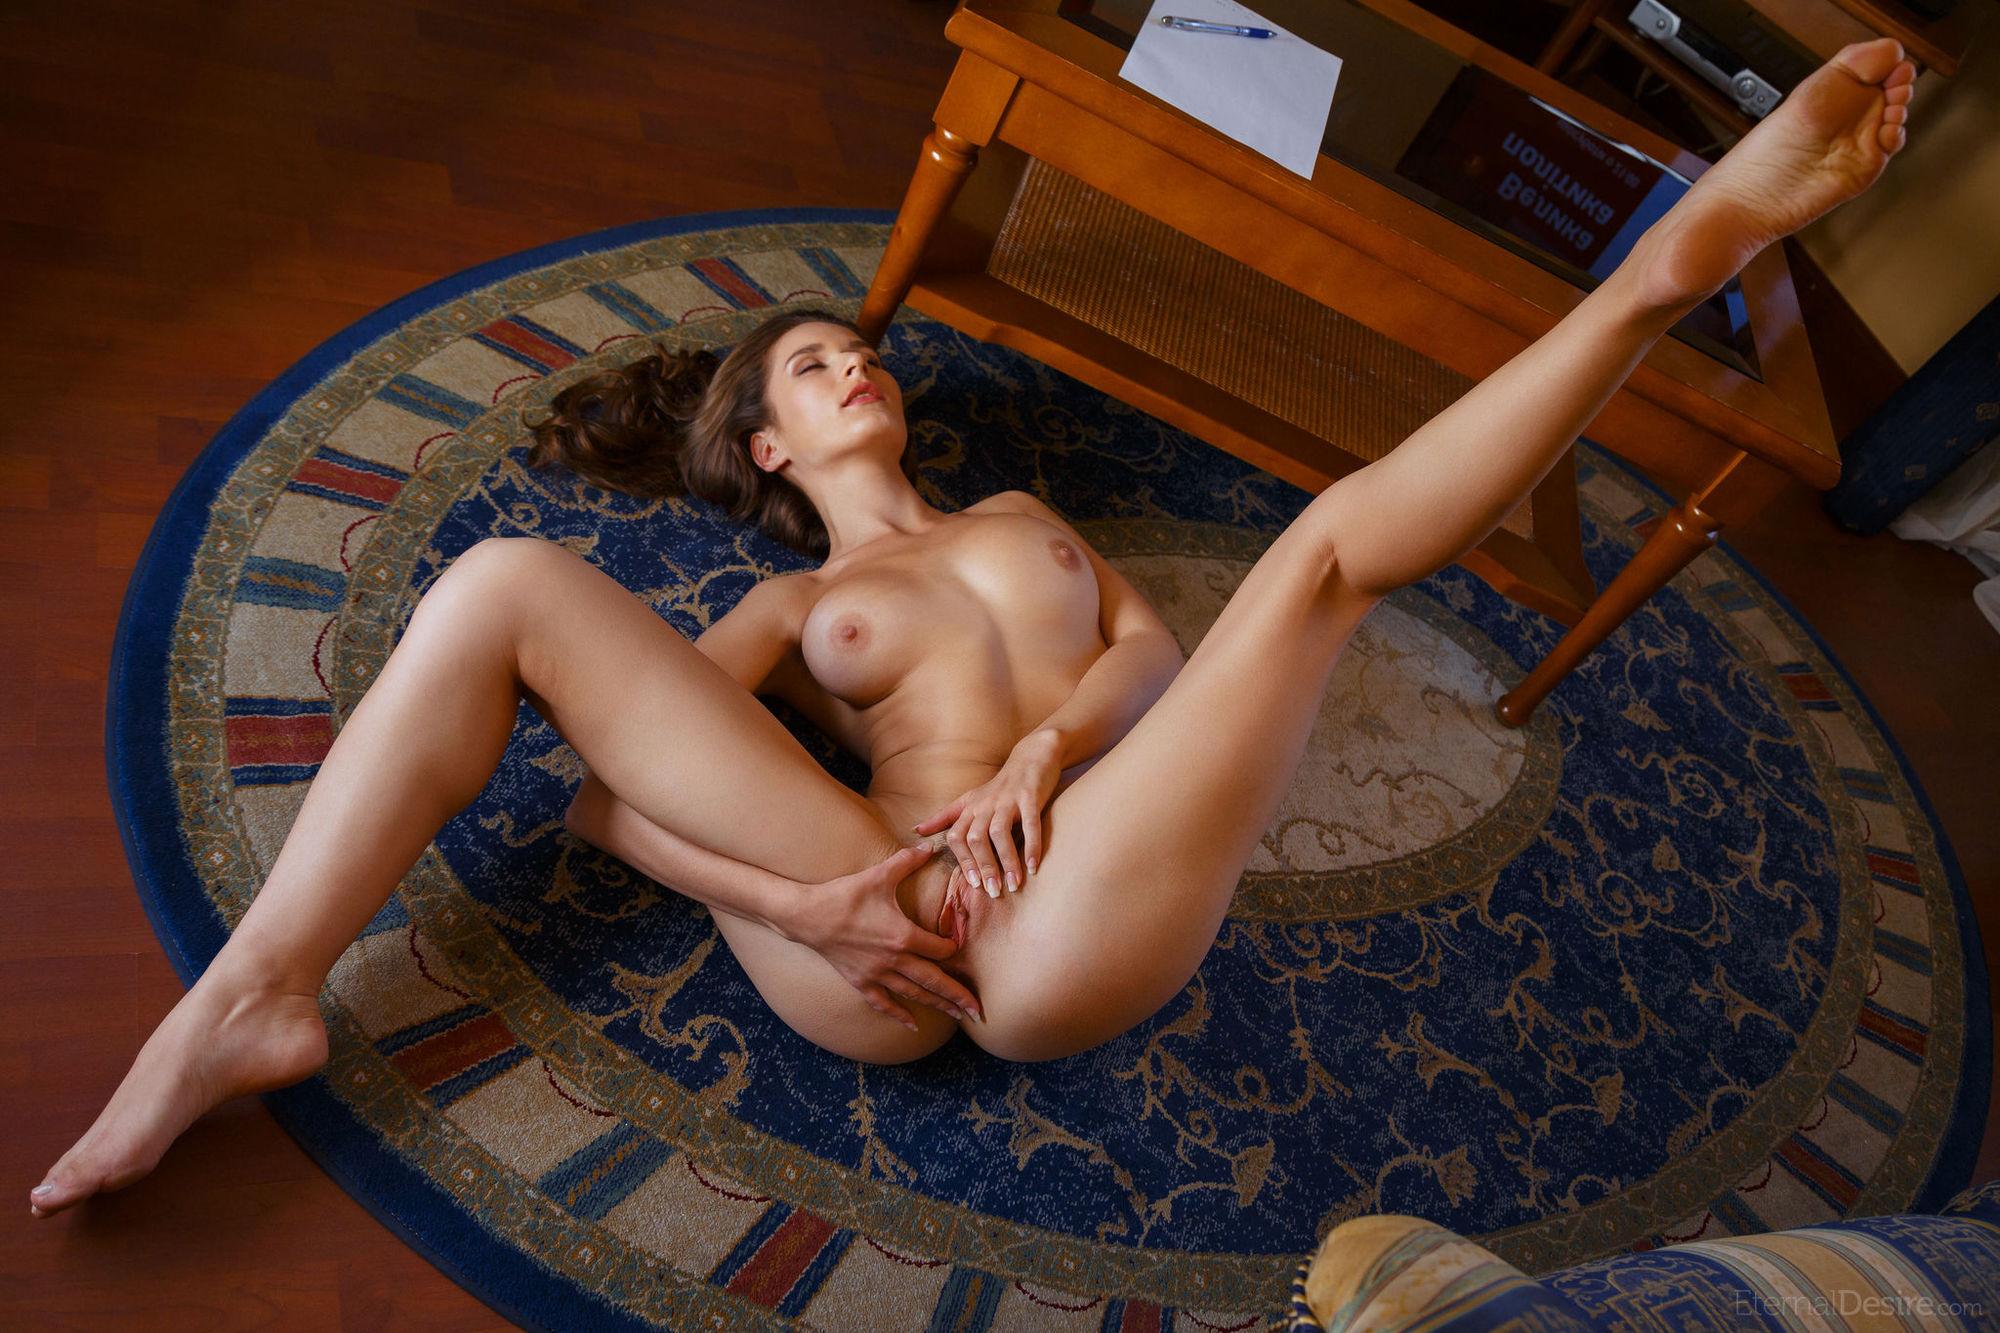 держали женщина раздвинутые ноги видео месяц жду